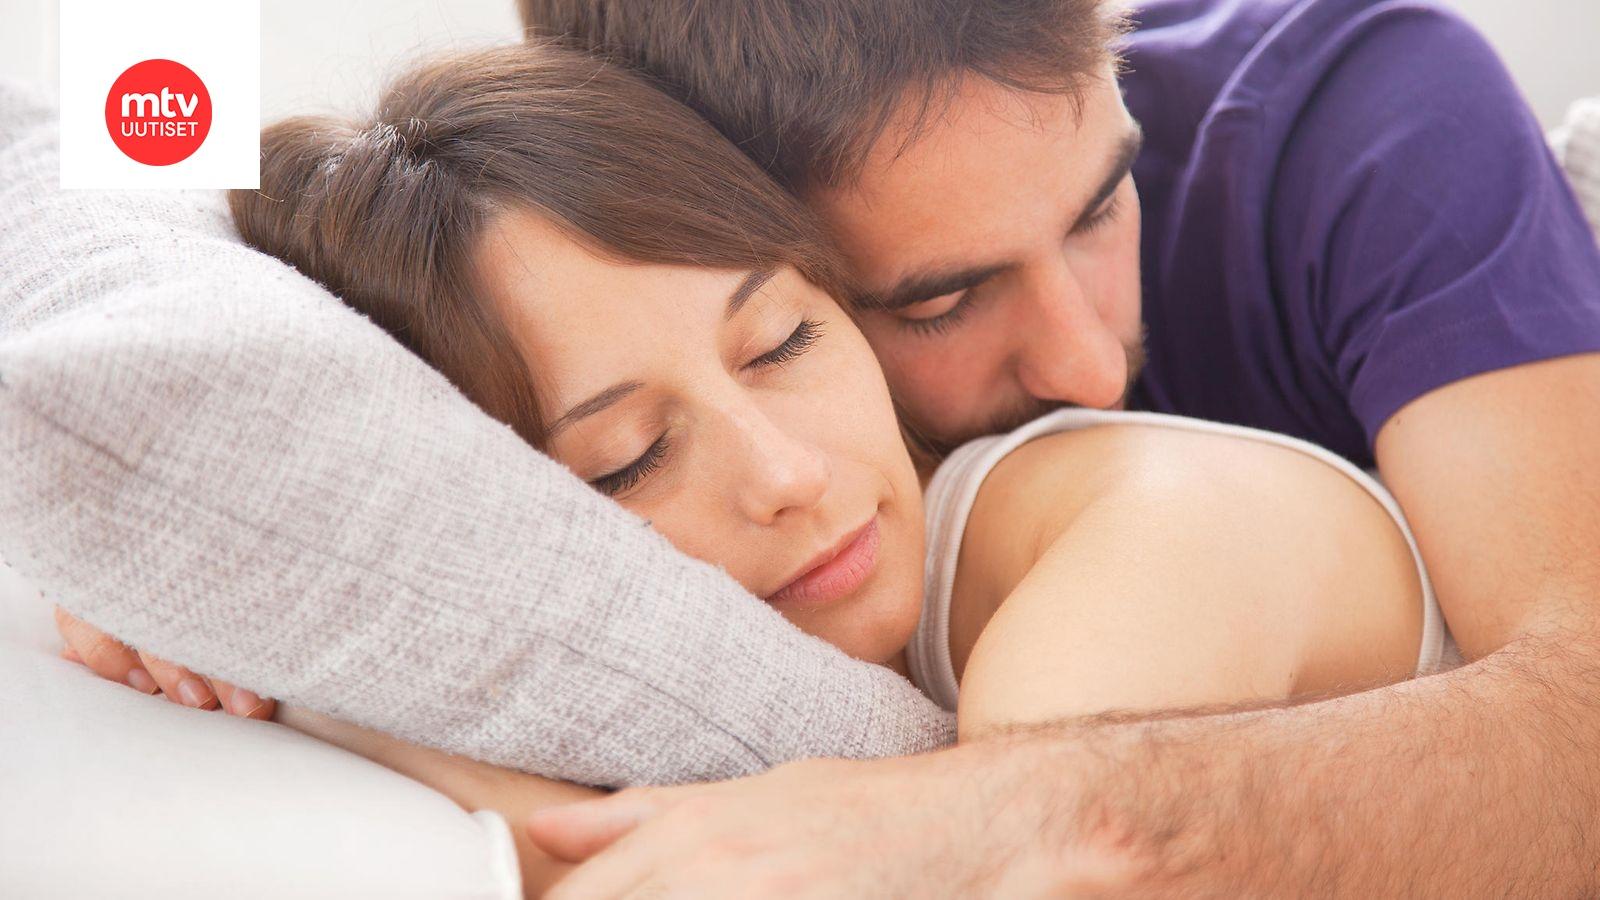 paras dating sivustot pariskunnille online dating Top 10 sivustot